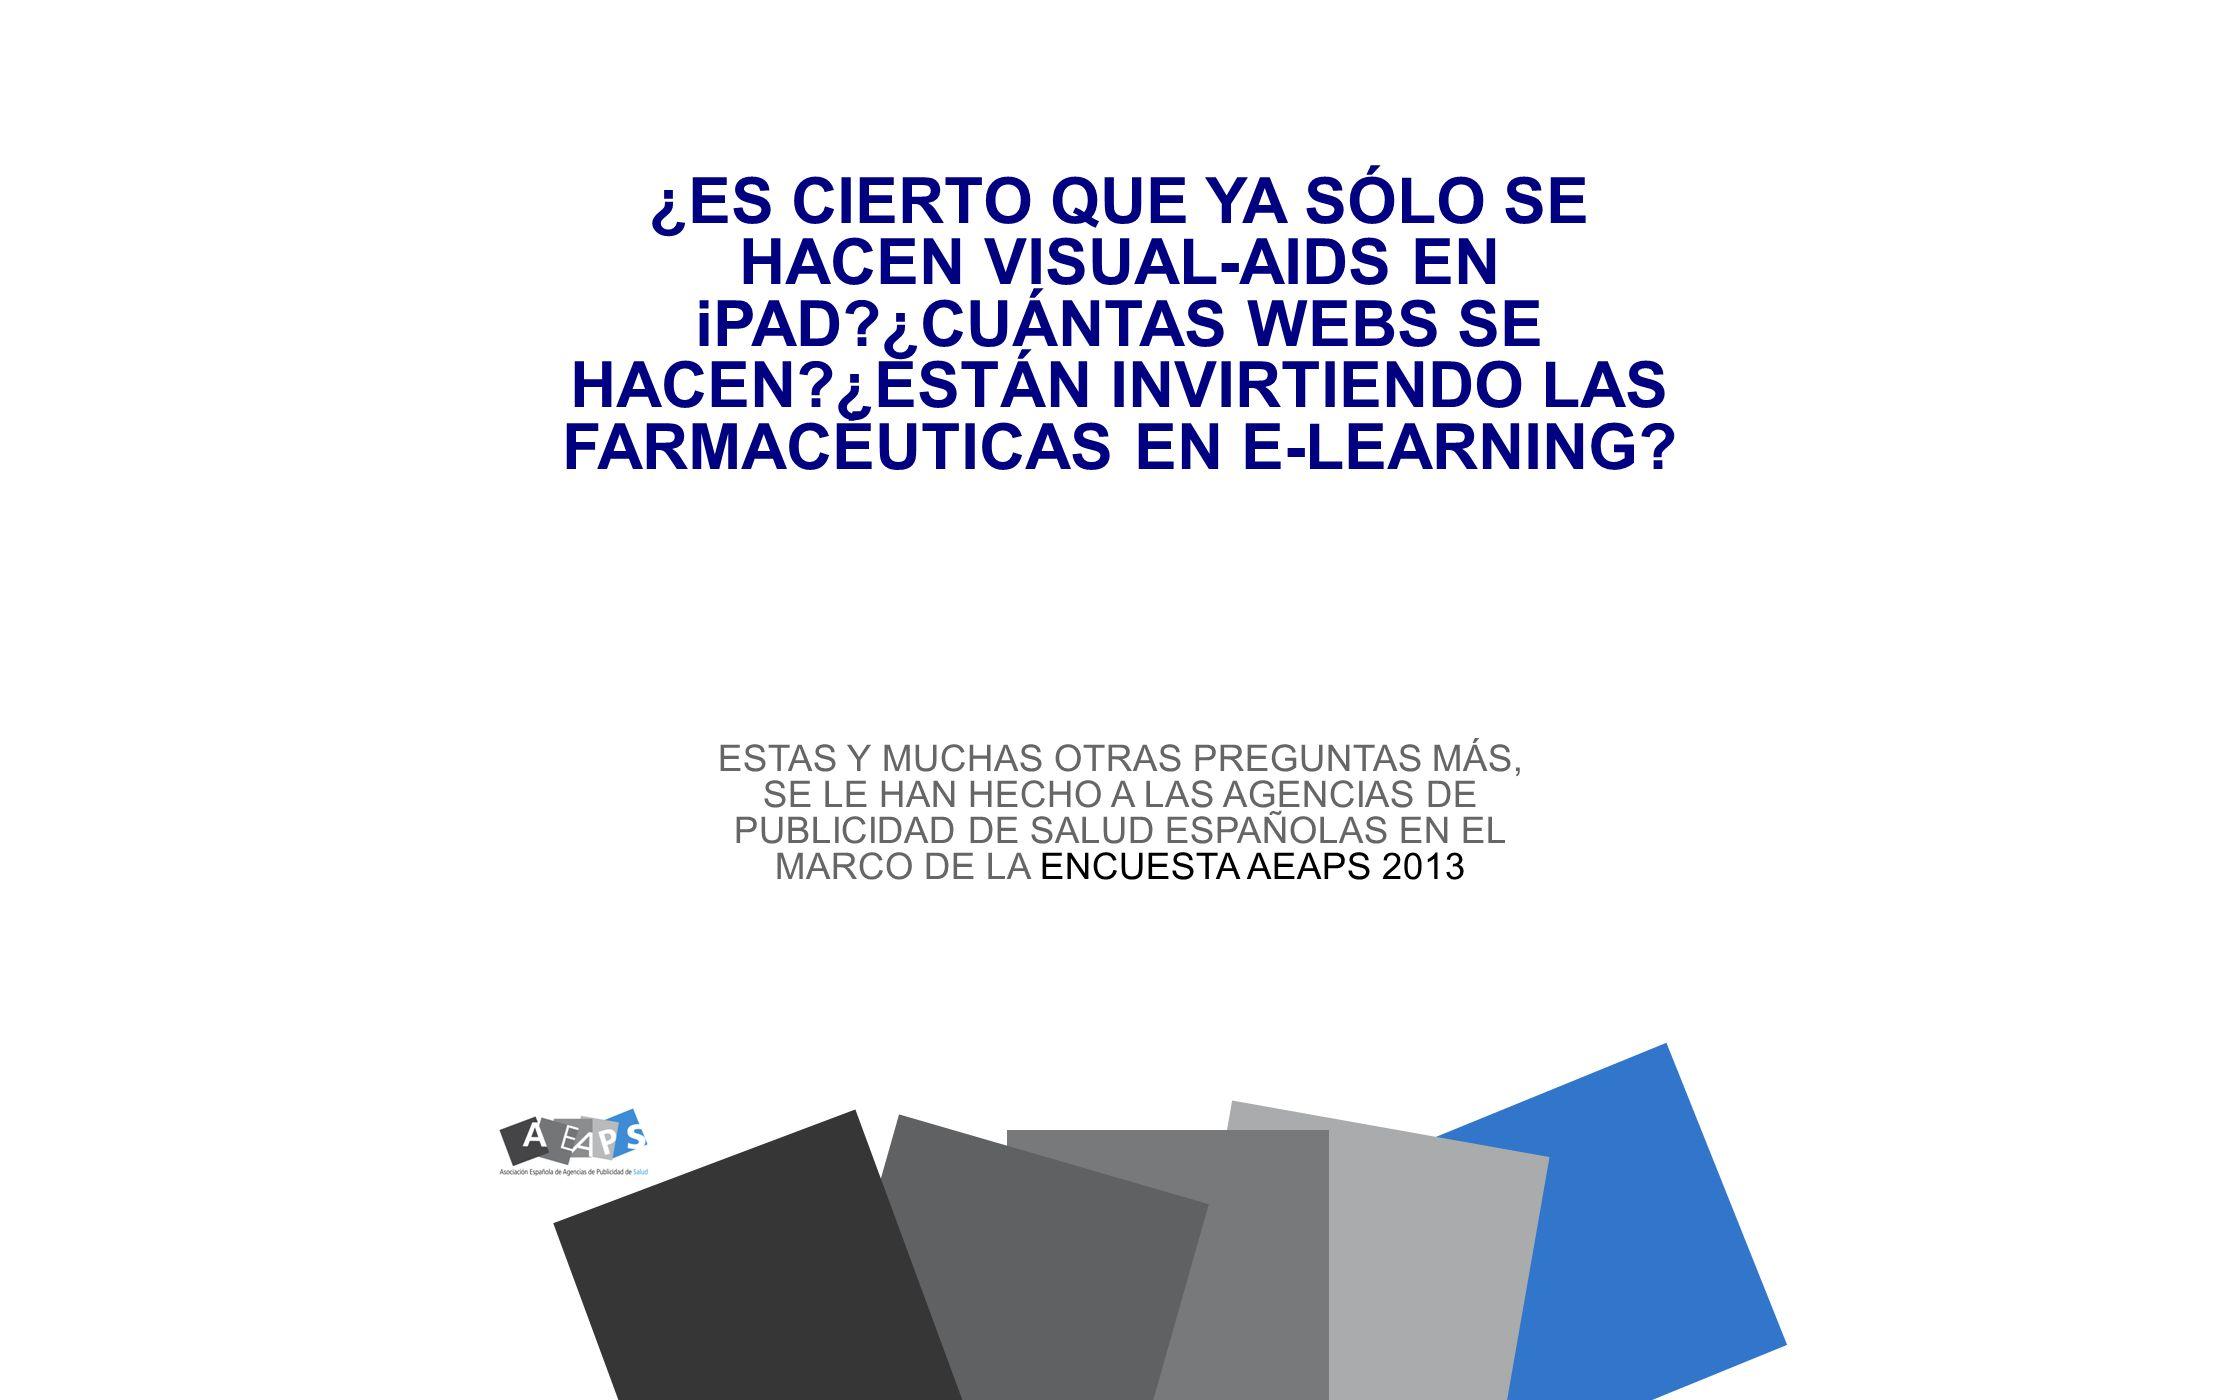 ¿ES CIERTO QUE YA SÓLO SE HACEN VISUAL-AIDS EN iPAD